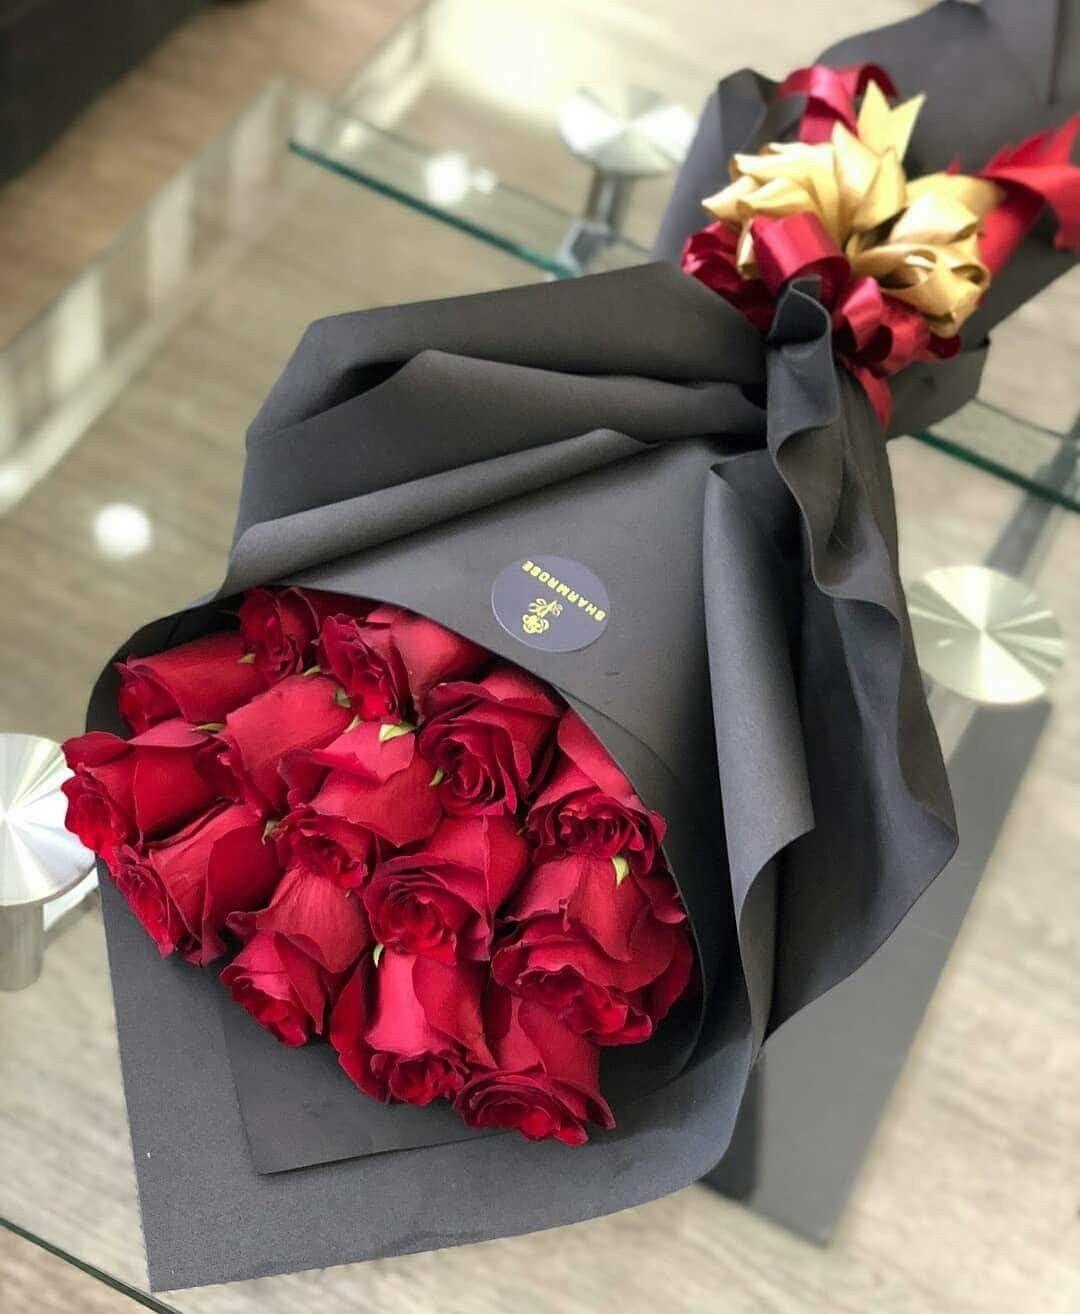 подарочные букеты роз фото всегда, крашение